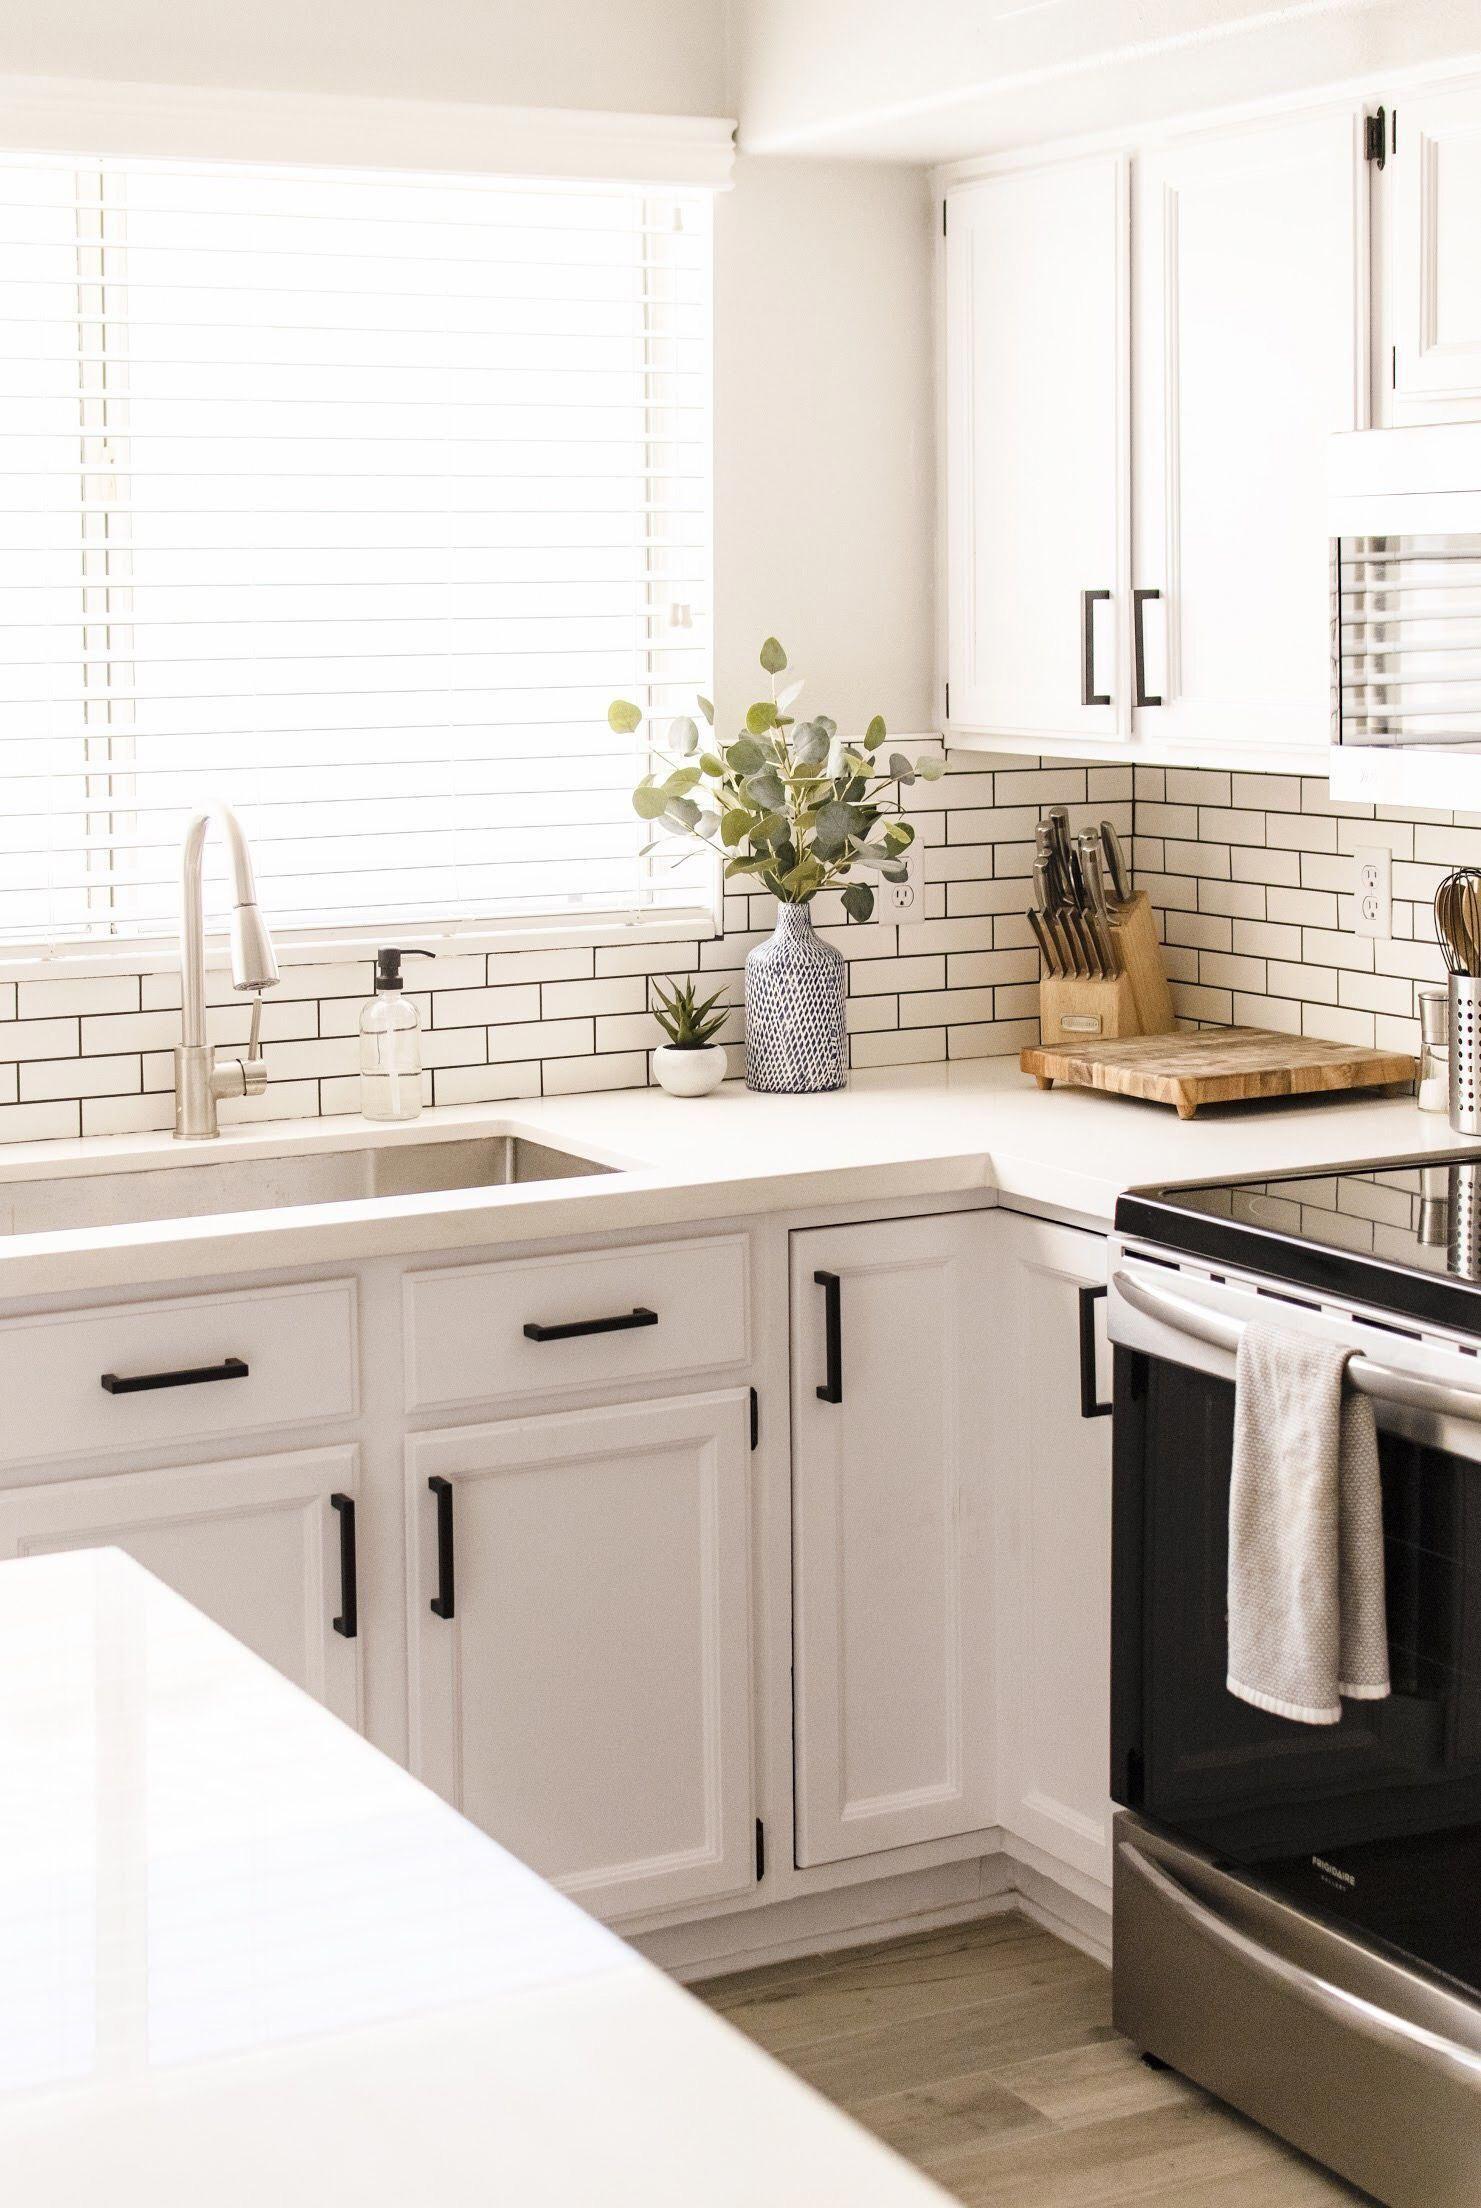 Colorful Kitchen Supplies: Kitchen Ideas, Kitchen Decor, Kitchen Remodel, Kitchen